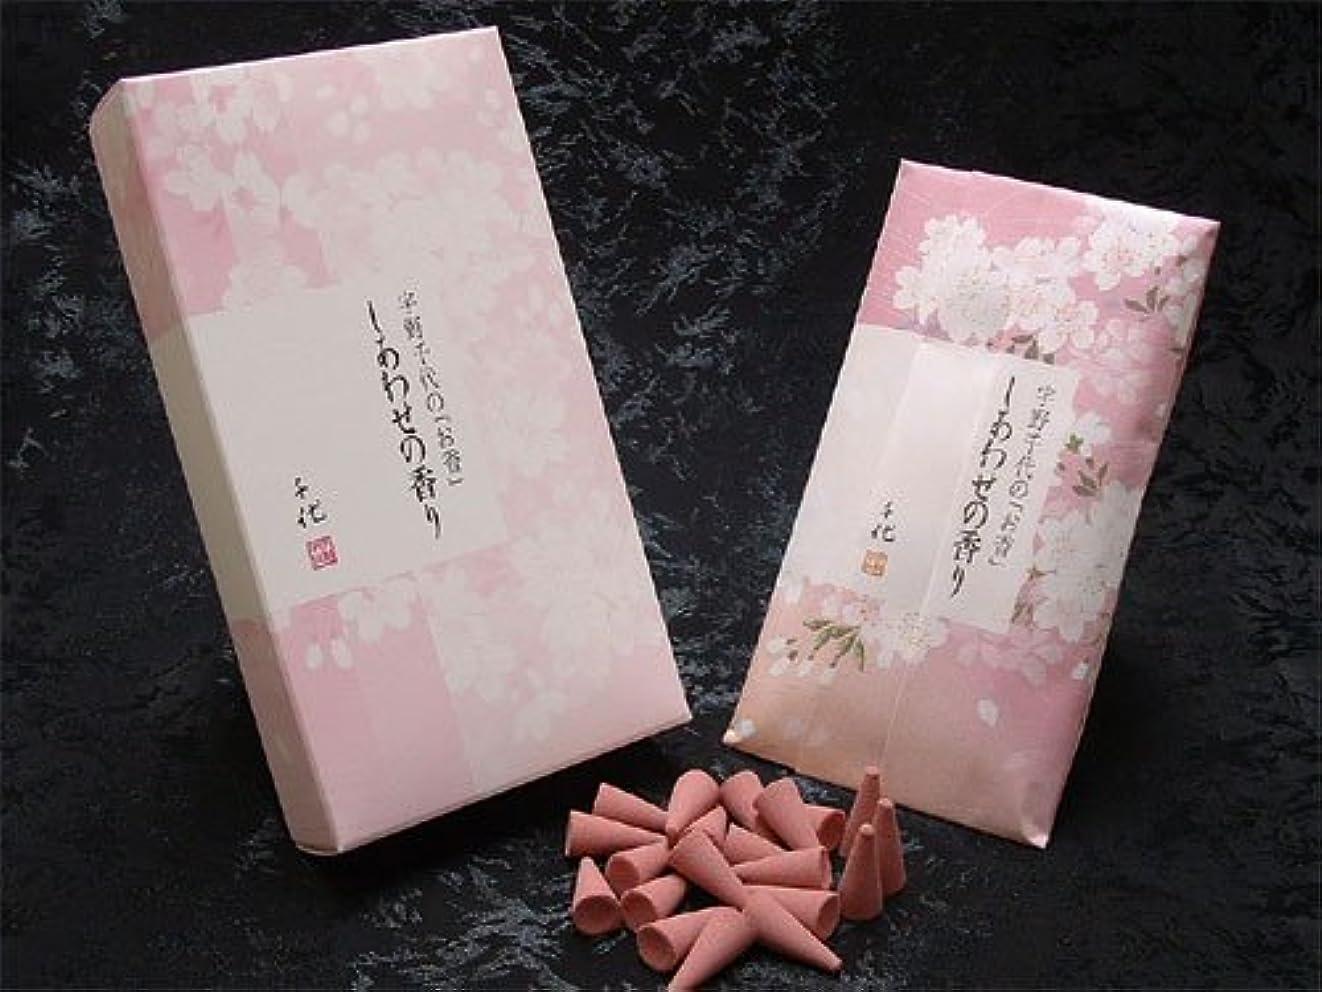 レイ主人公然と日本香堂のお香 宇野千代 しあわせの香り コーン型 20個入り